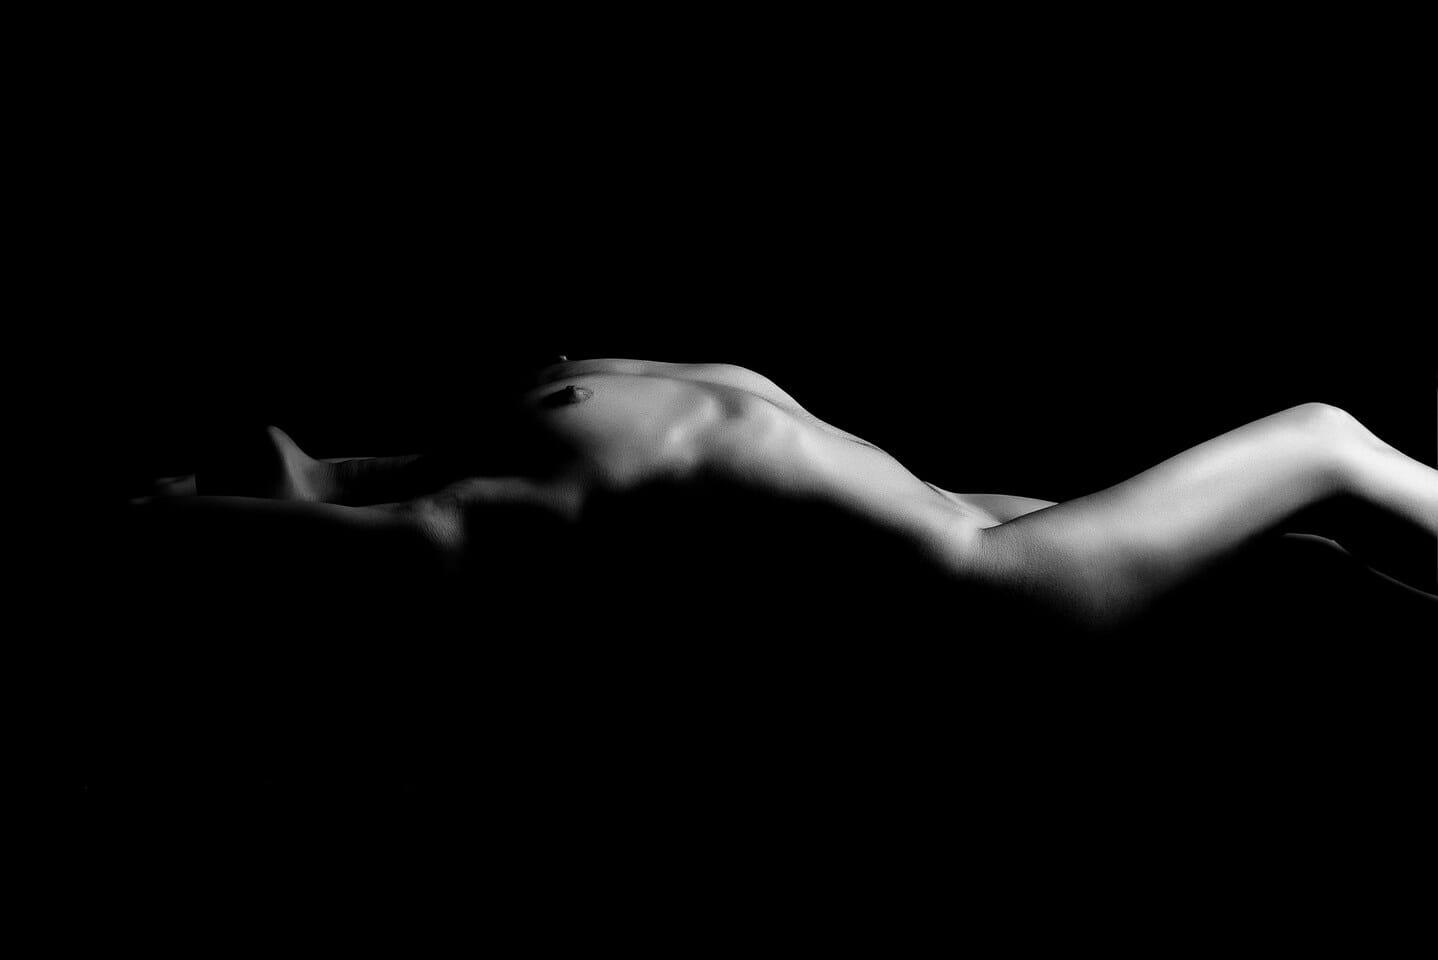 Stefan-Herics_nude_art_901